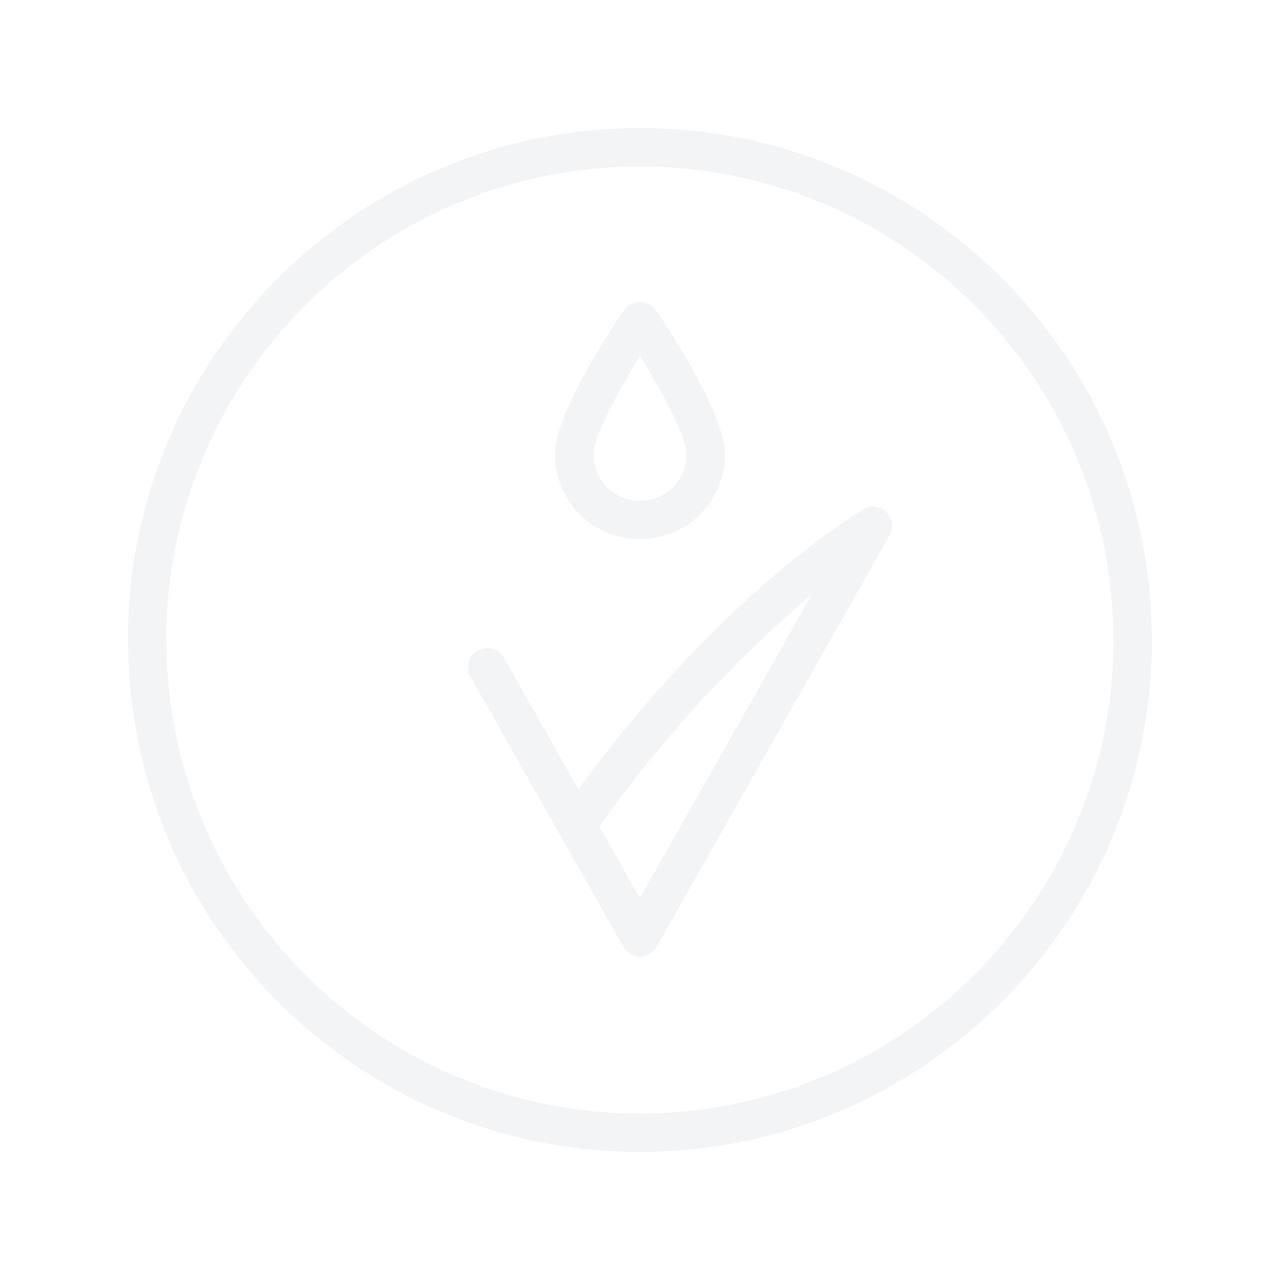 KERASTASE Discipline Oleo-Curl Cream 150ml